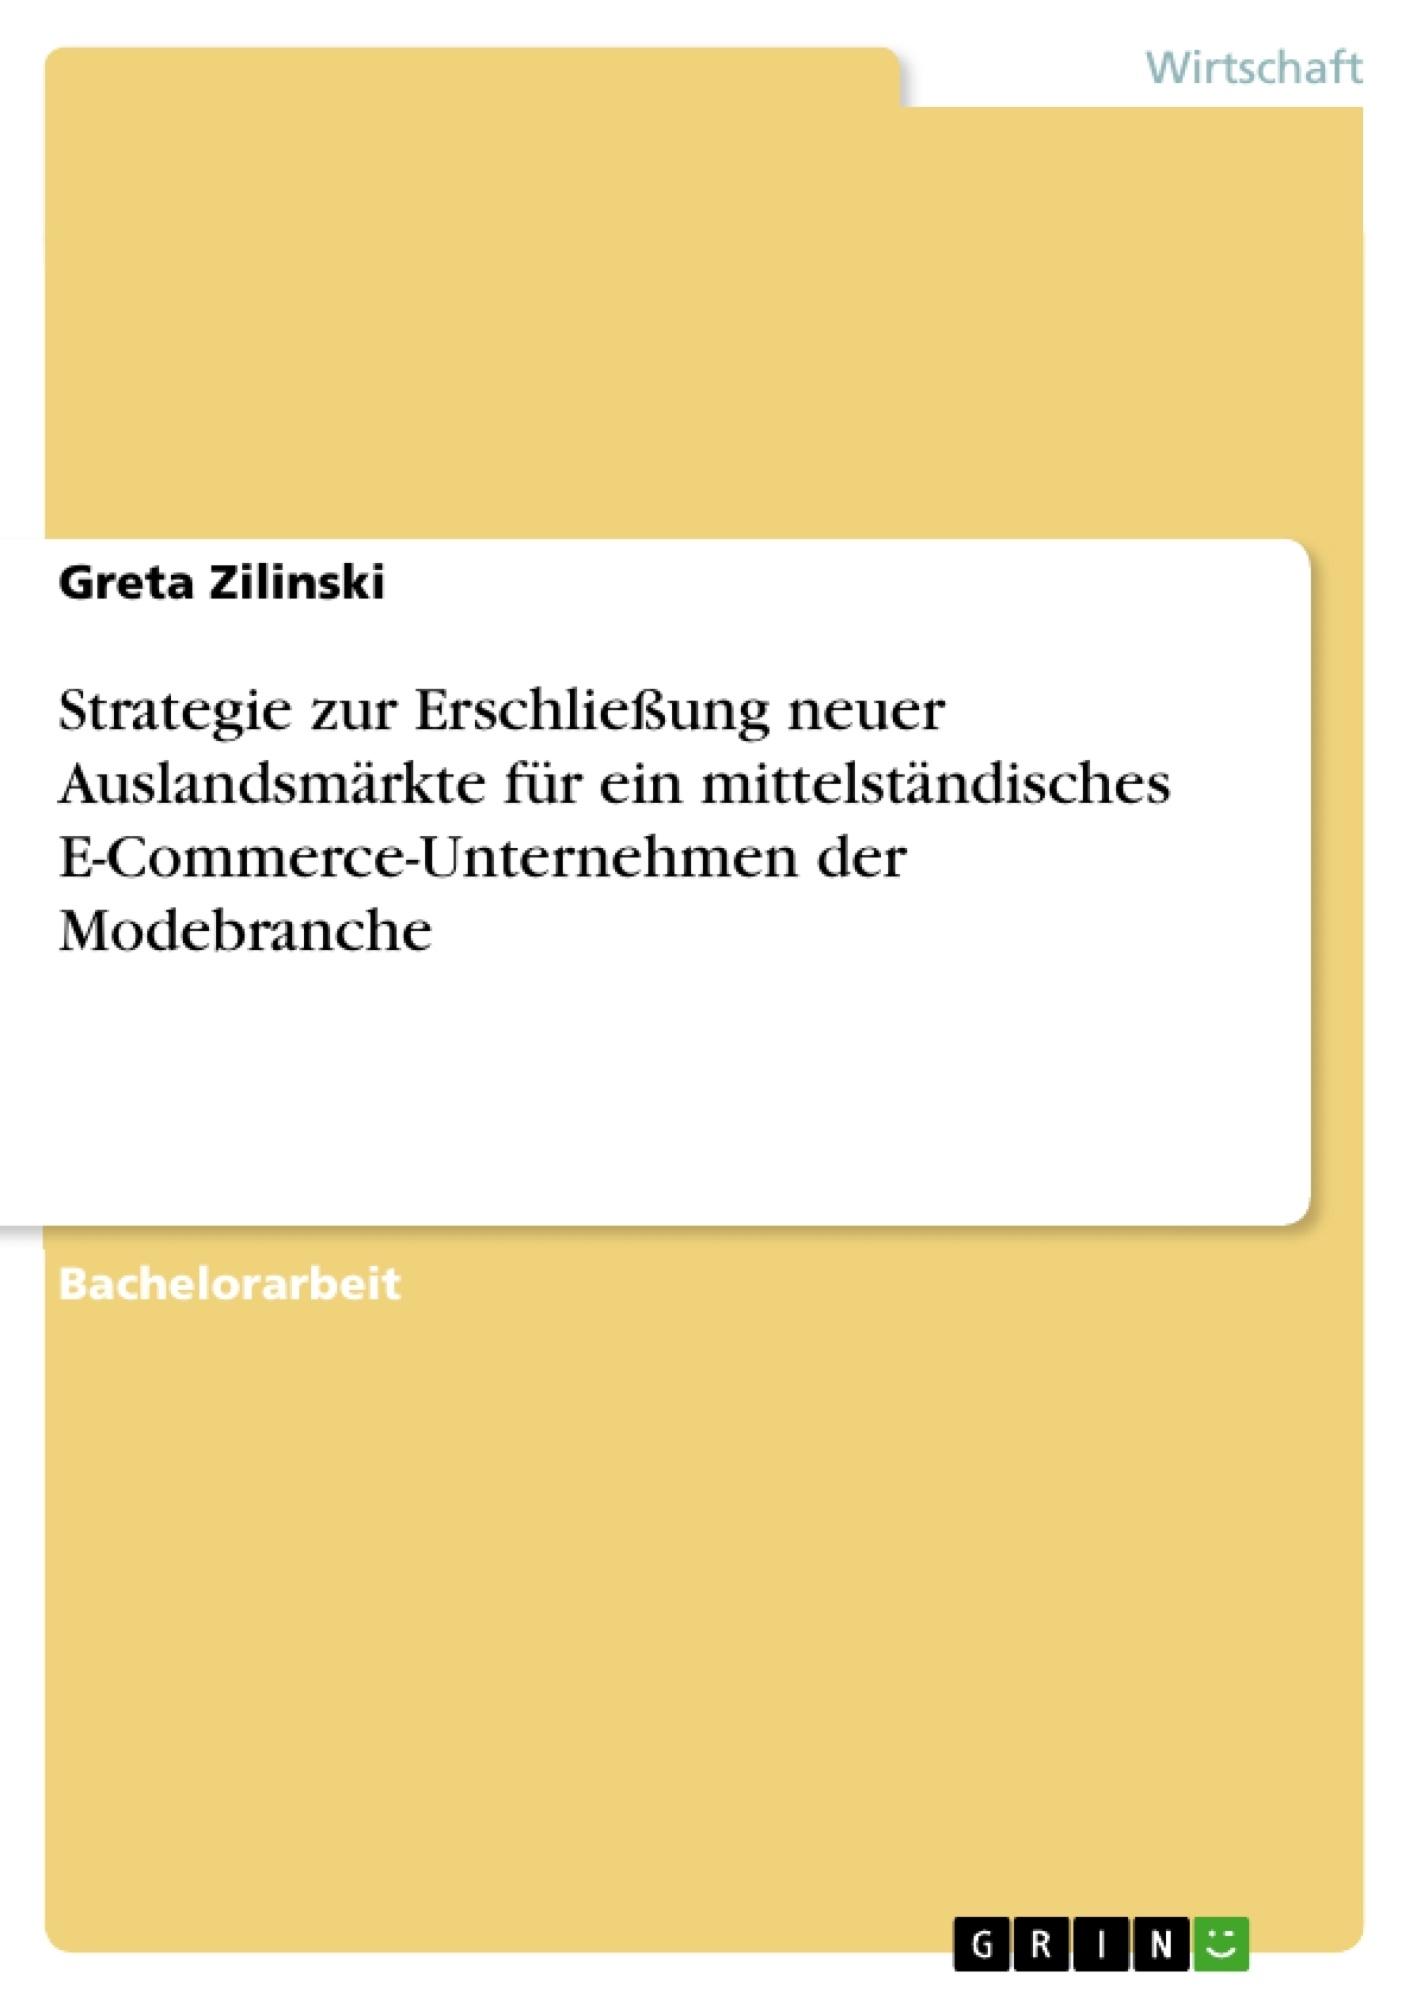 Titel: Strategie zur Erschließung neuer Auslandsmärkte für ein mittelständisches E-Commerce-Unternehmen der Modebranche